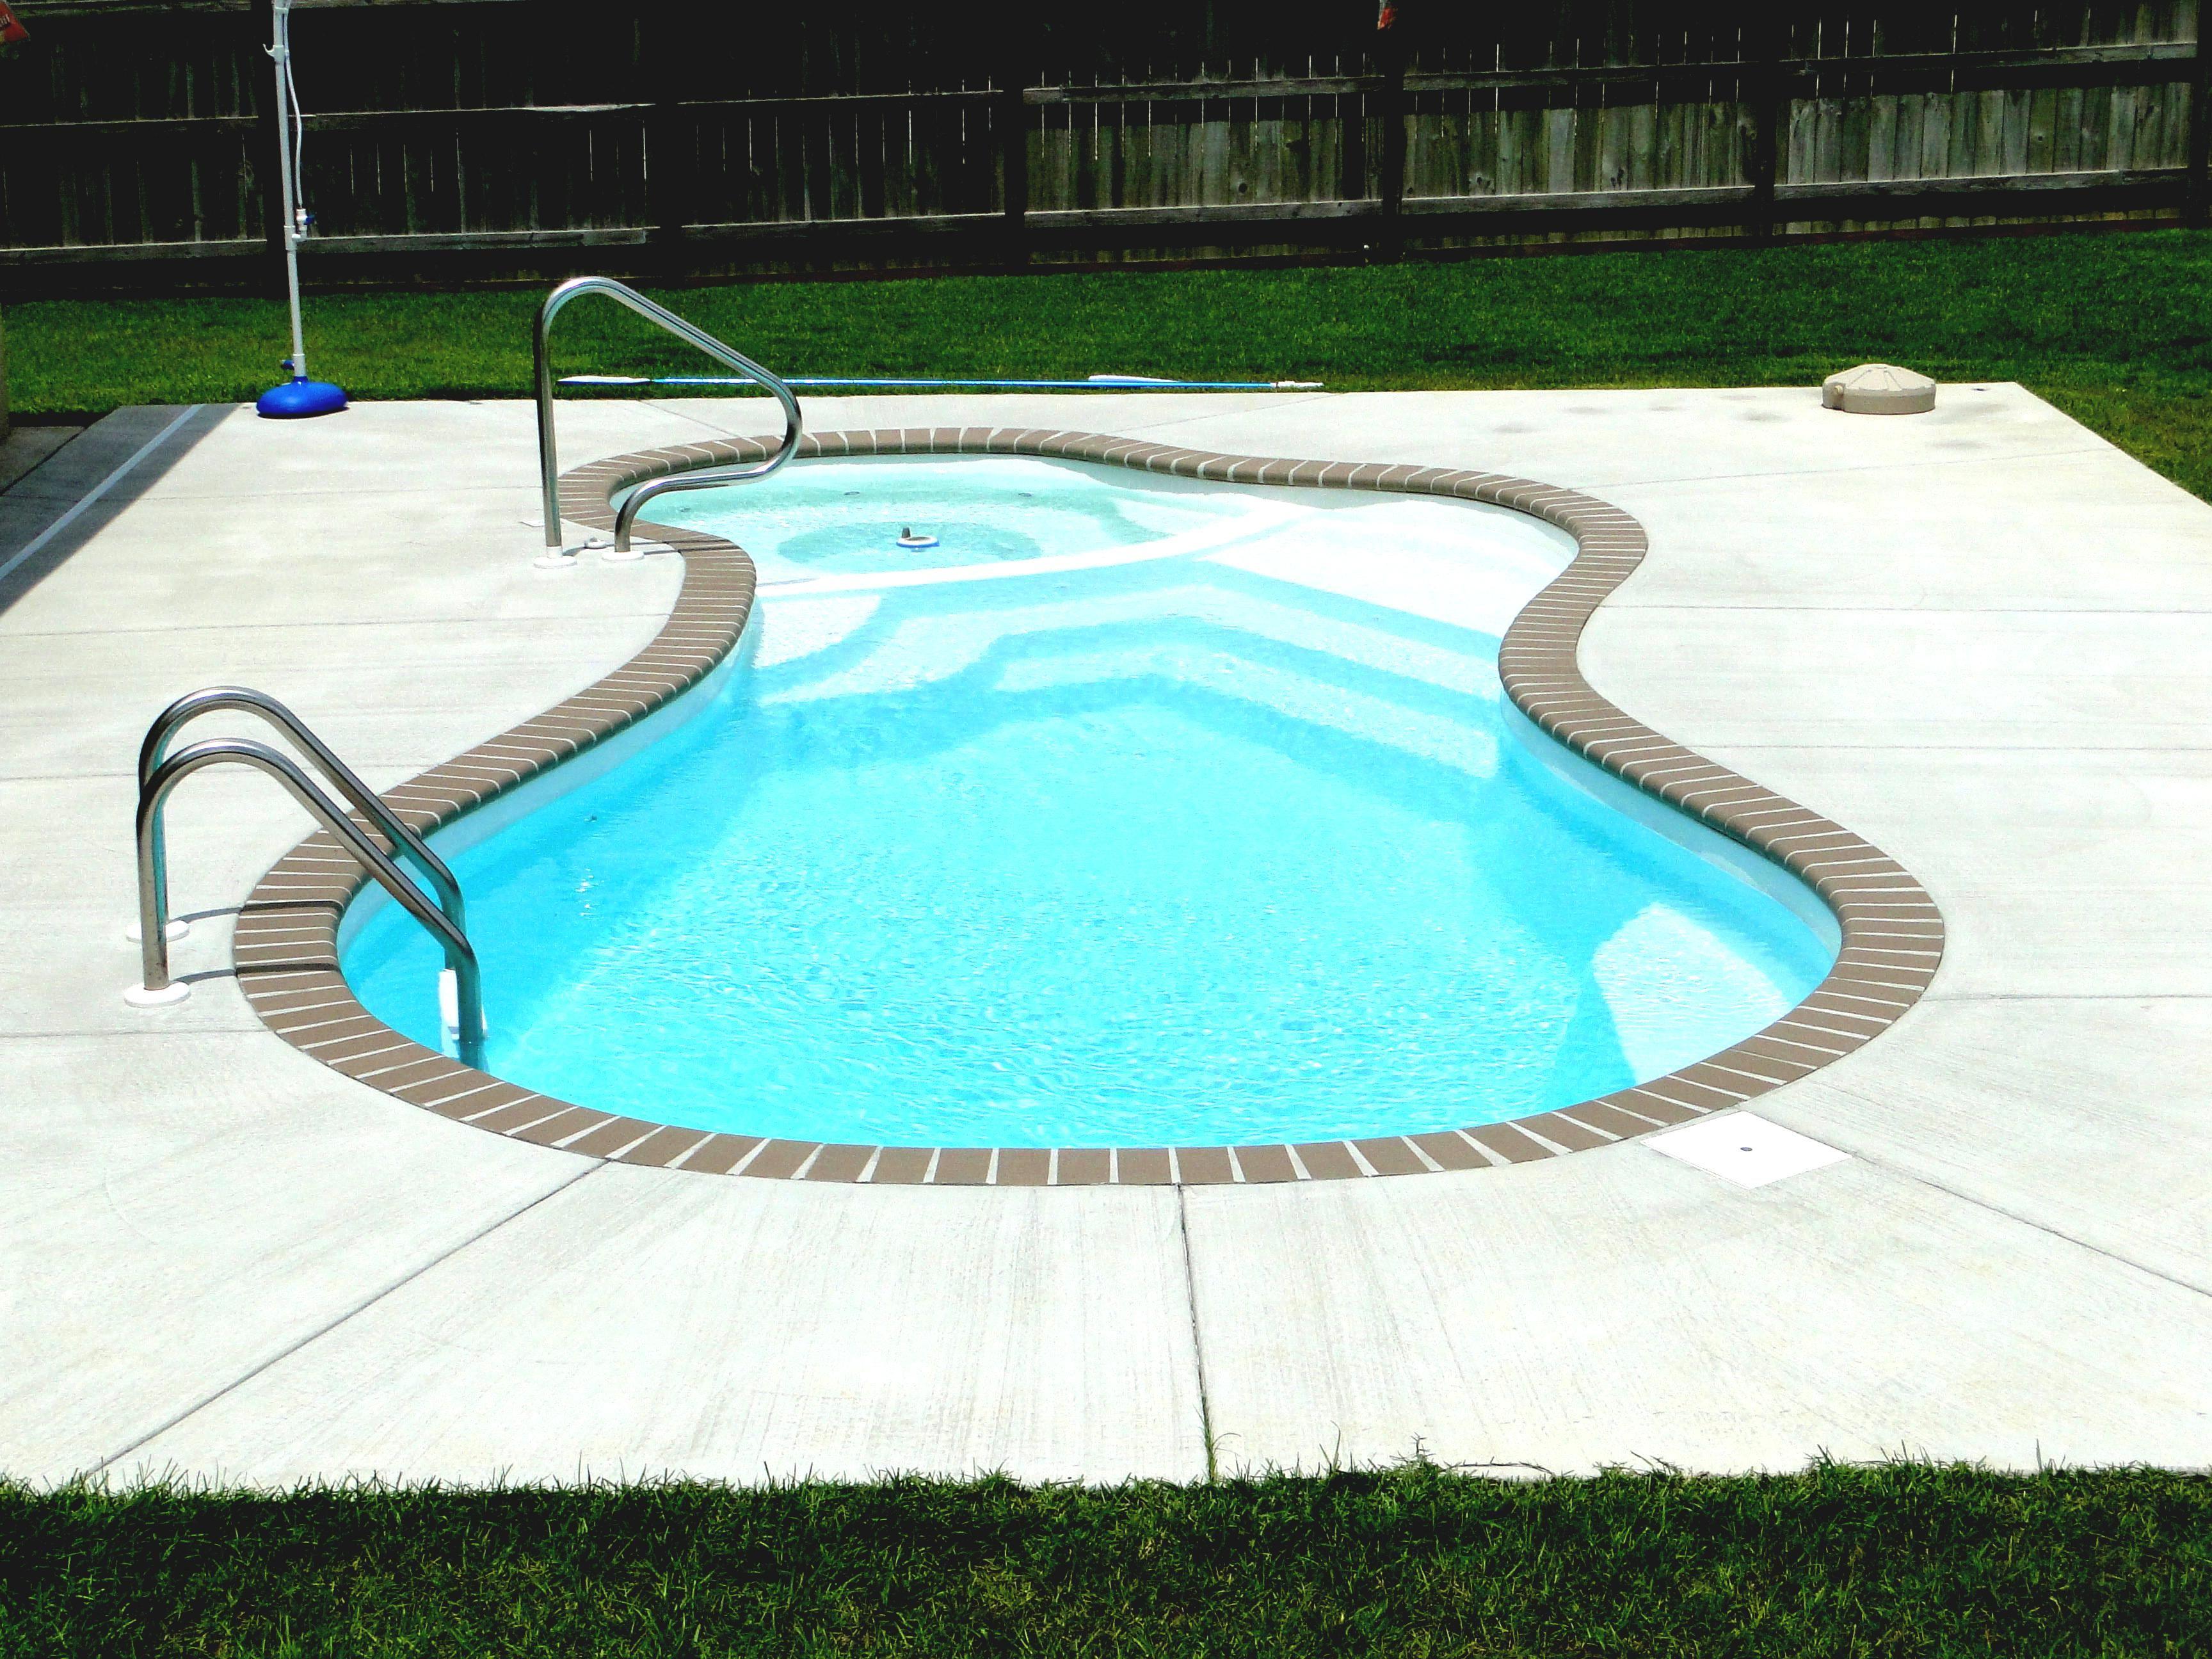 Schwimmbad Designs Für Kleine Hinterhöfe Trends Mit Garten ...